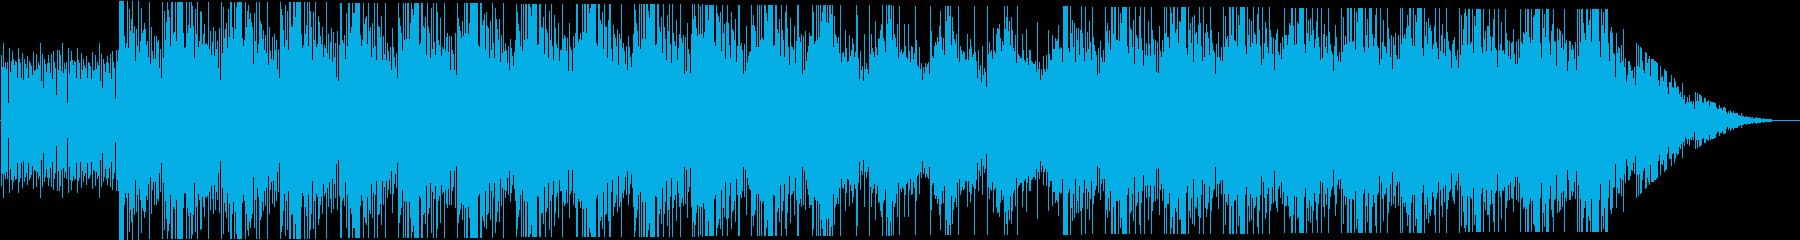 神秘的で繊細な結晶の再生済みの波形